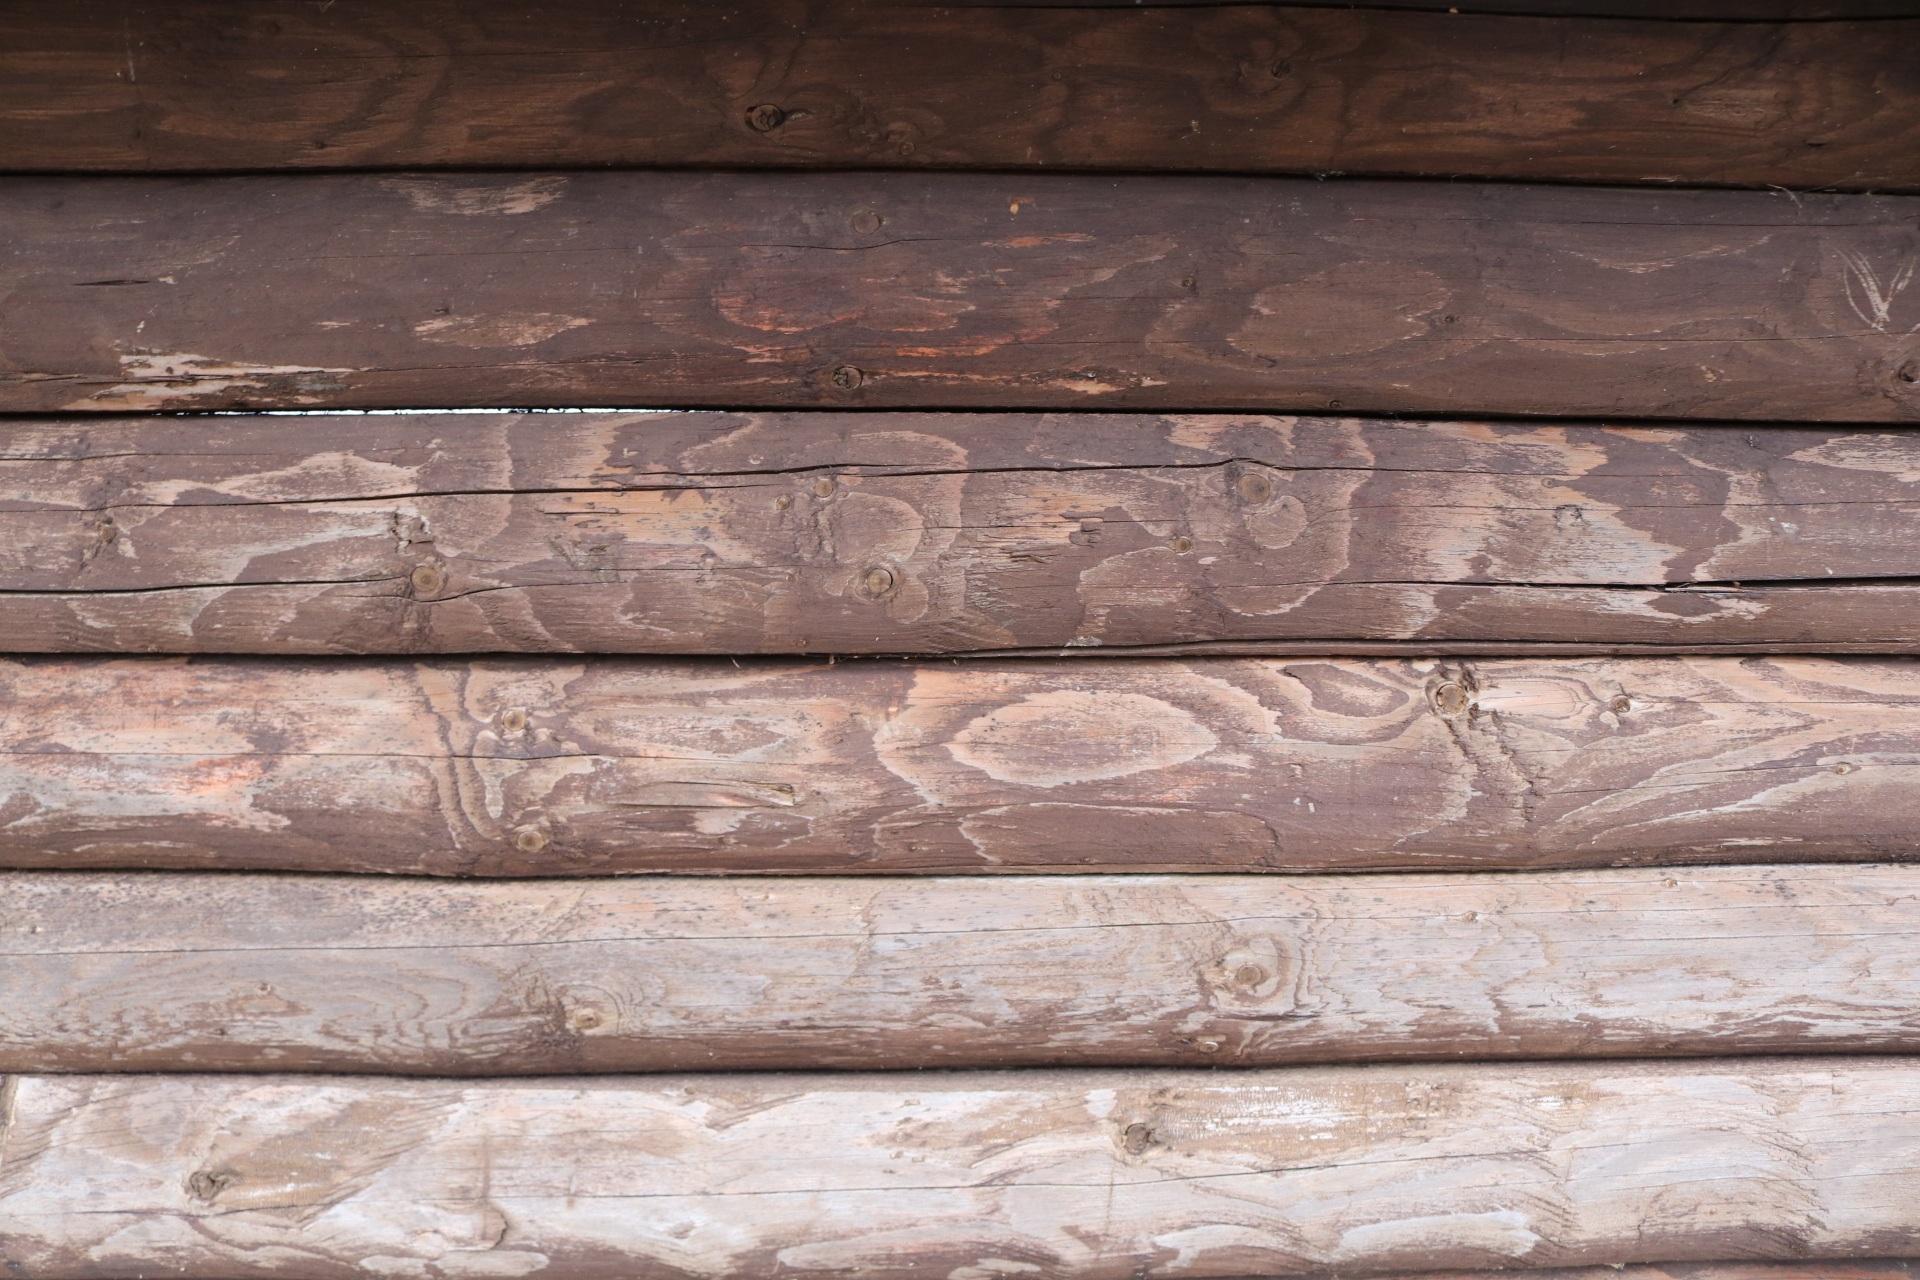 Fotoğraf Doğa Doku Zemin Kiriş Kahverengi Taş Duvar Tuğla